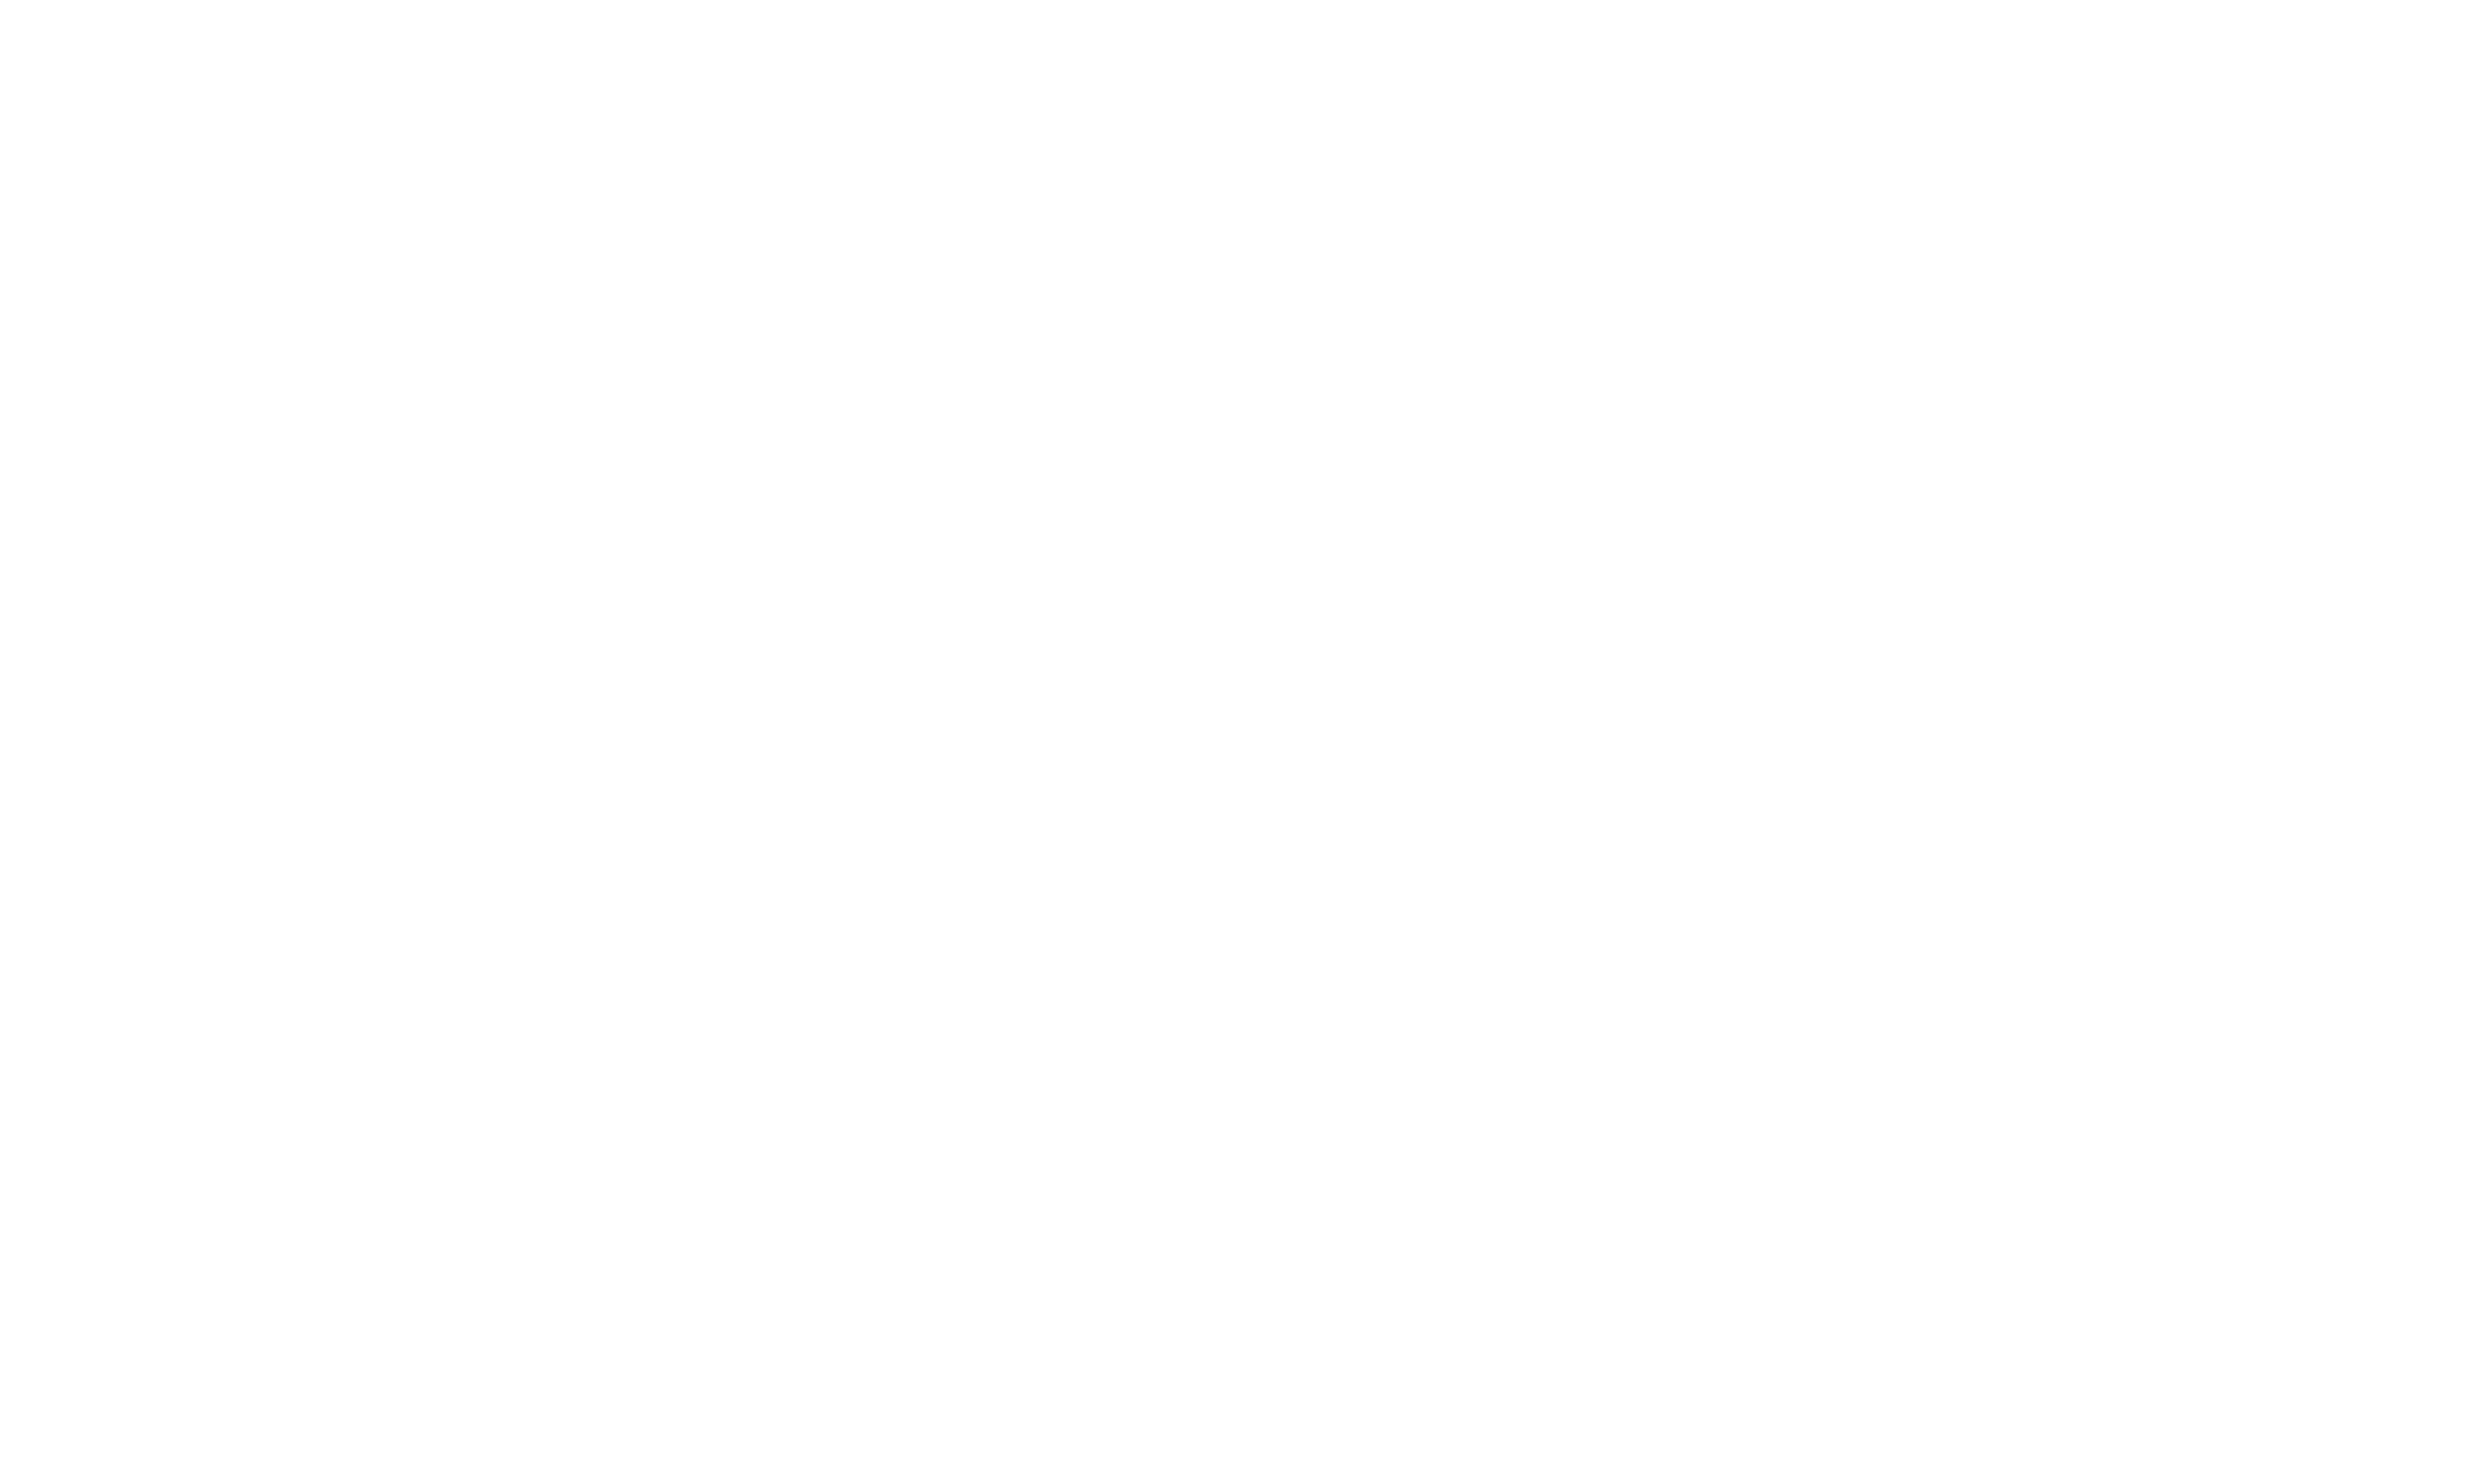 ReseauqualiSante